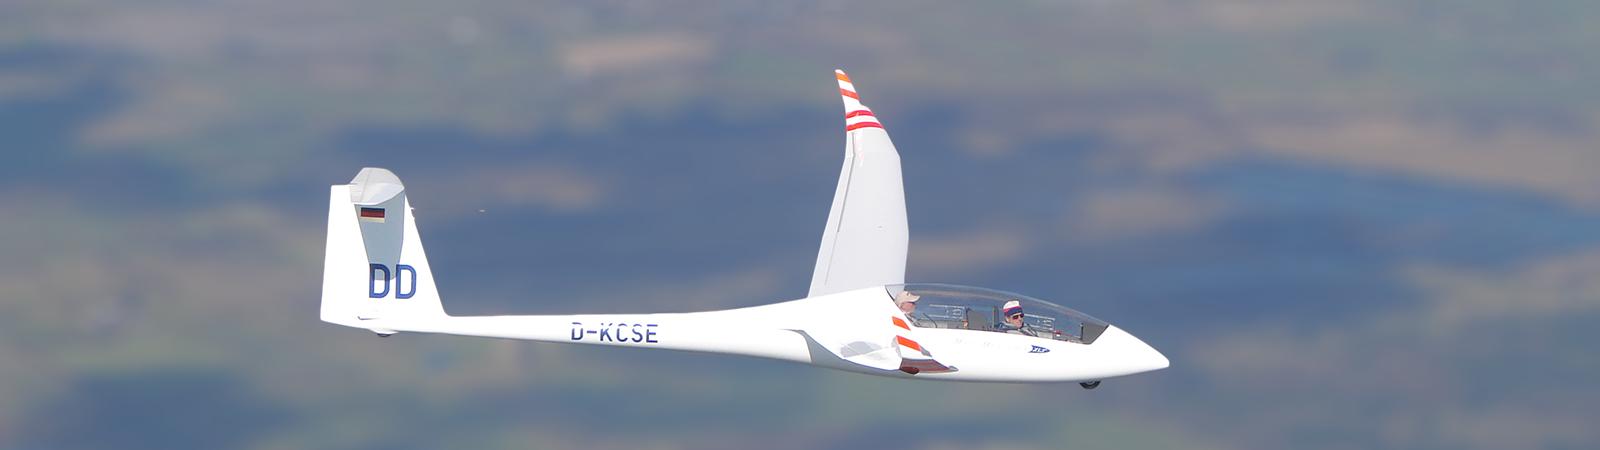 SCHEMPP-HIRTH Flugzeugbau GmbH...